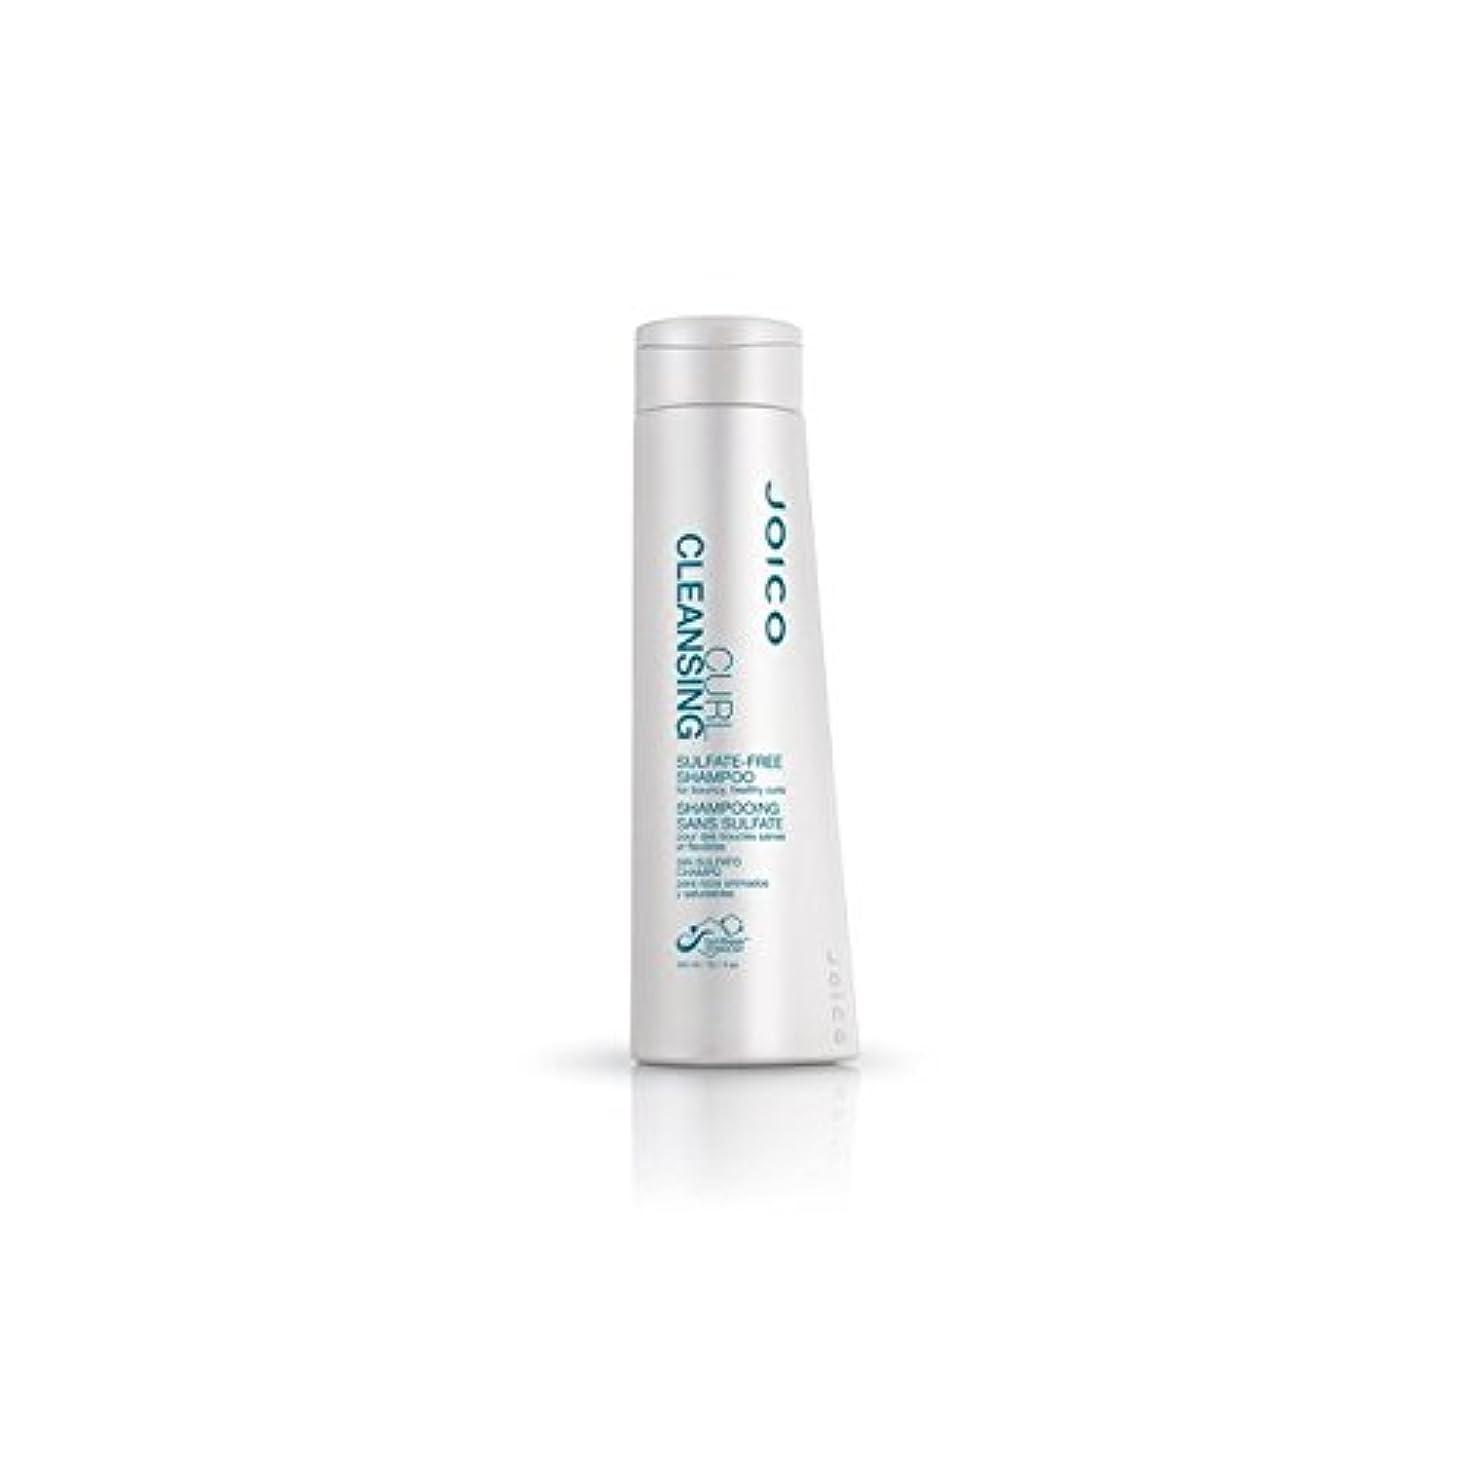 バブルオーチャード決してJoico Curl Cleansing Sulfate-Free Shampoo For Bouncy, Healthy Curls (300ml) (Pack of 6) - 快活、健康カール用ジョイコカールクレンジング硫酸フリーシャンプー(300ミリリットル) x6 [並行輸入品]